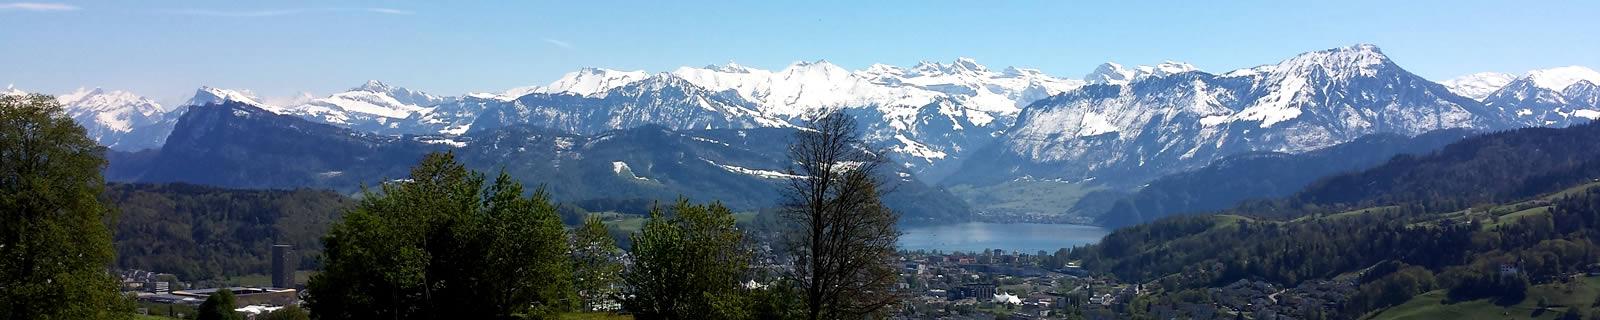 https://www.nak-luzern.ch/uploads/images/headerbild/sonnenberg1.jpg